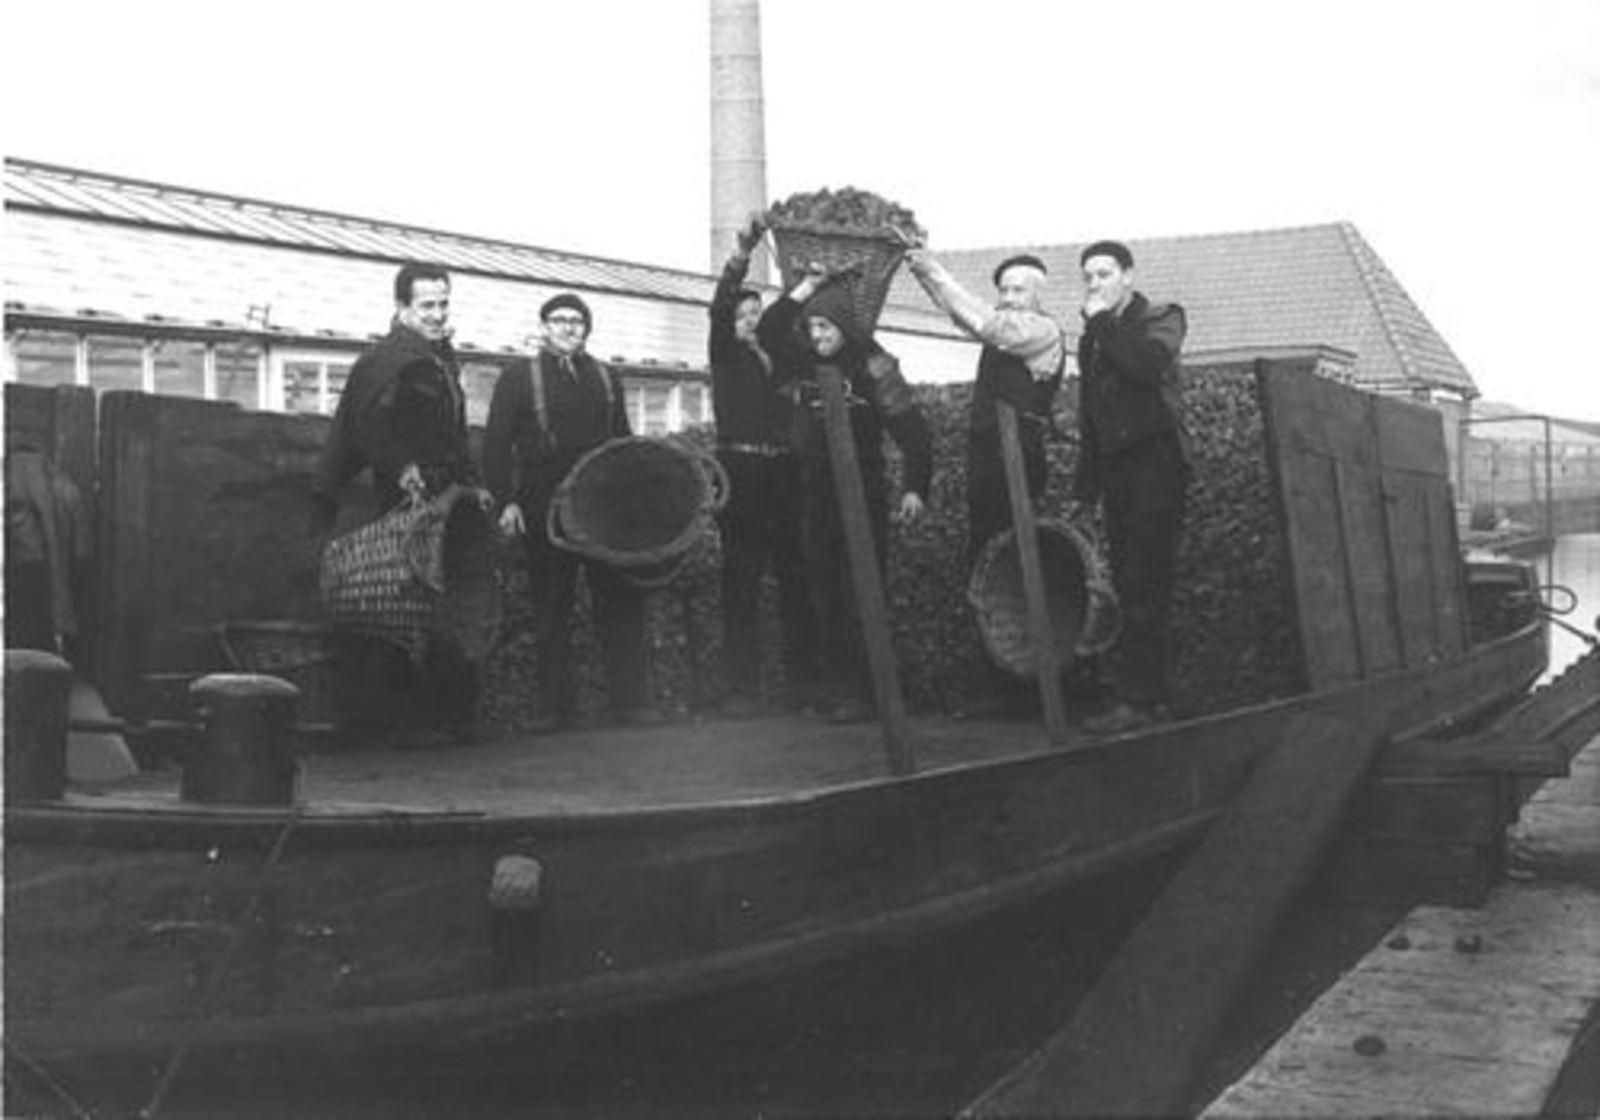 Robijn Joop 1932 1961 Kolenboer bij de Cooperatie in Aalsmeer